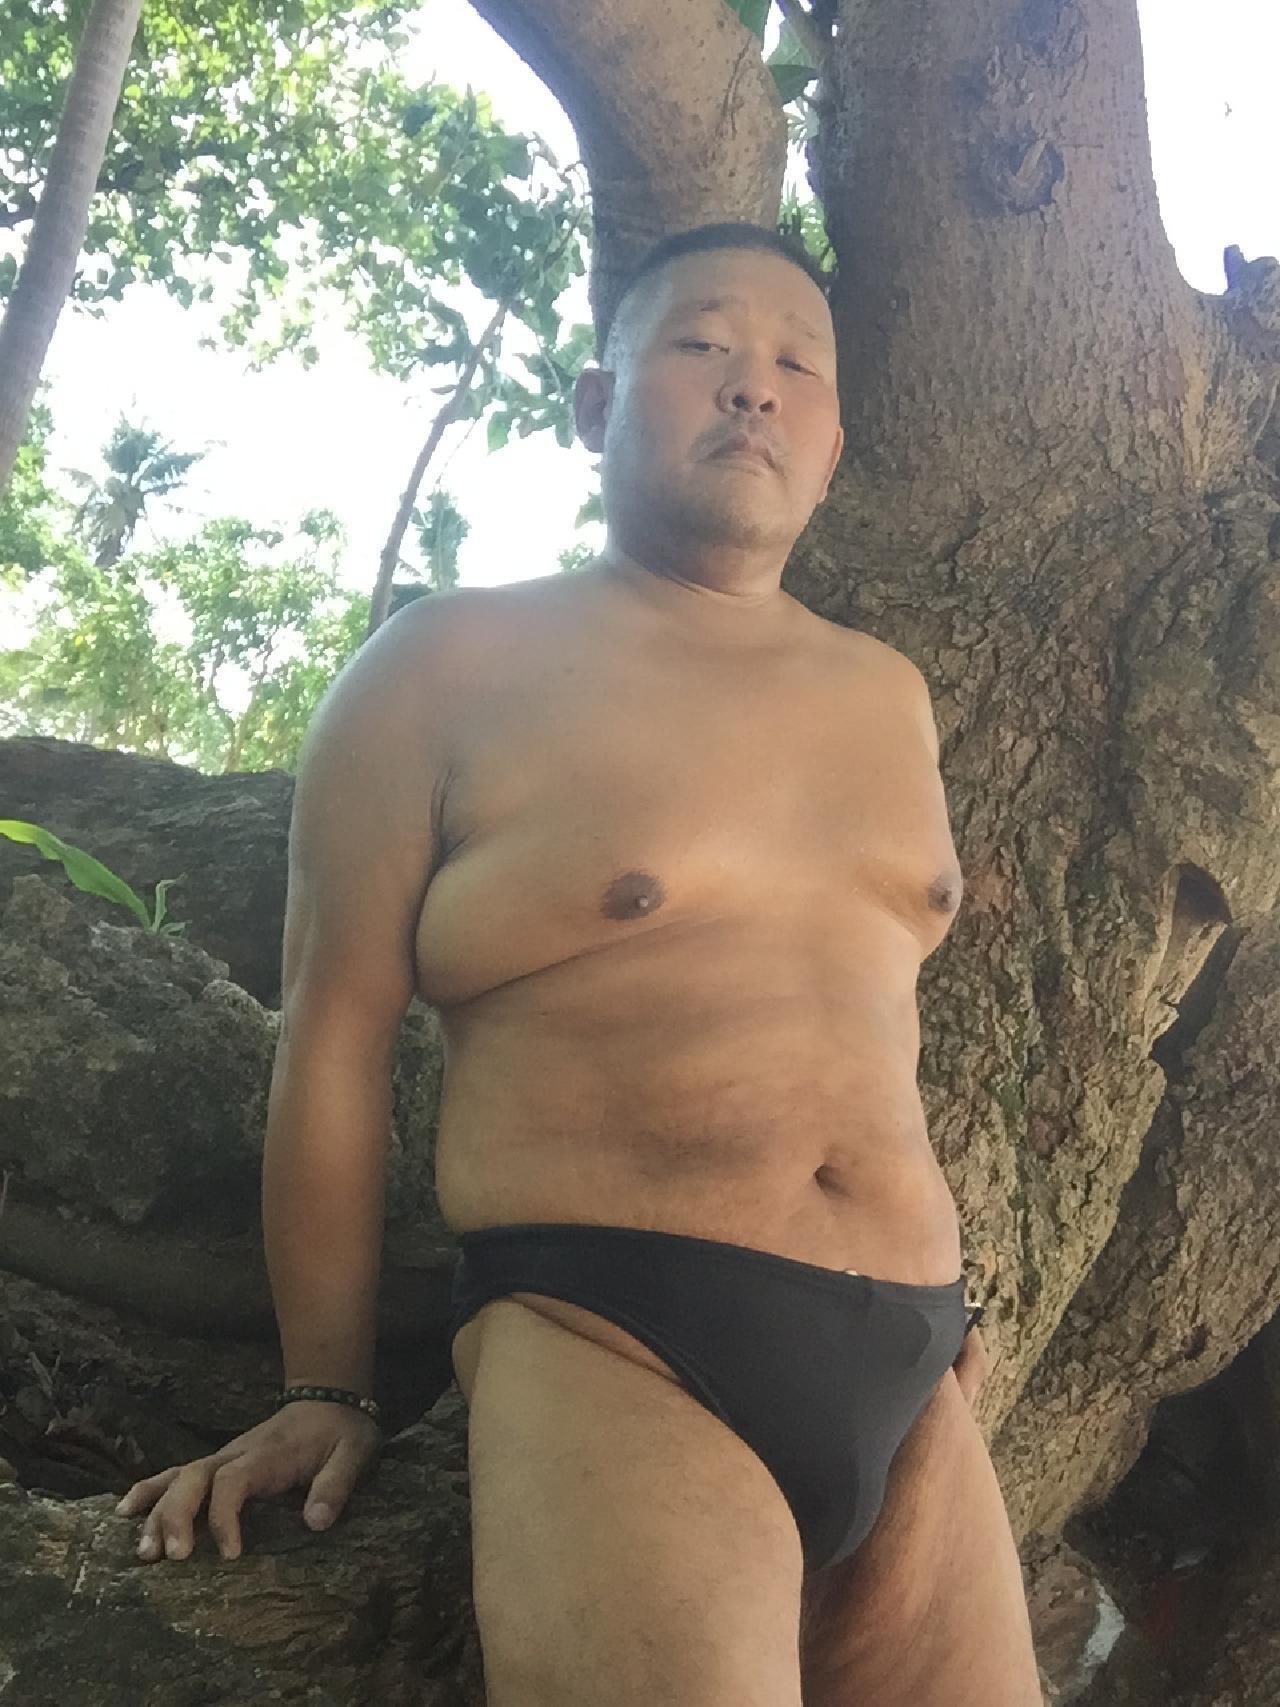 Bikini sun bather (27/218)